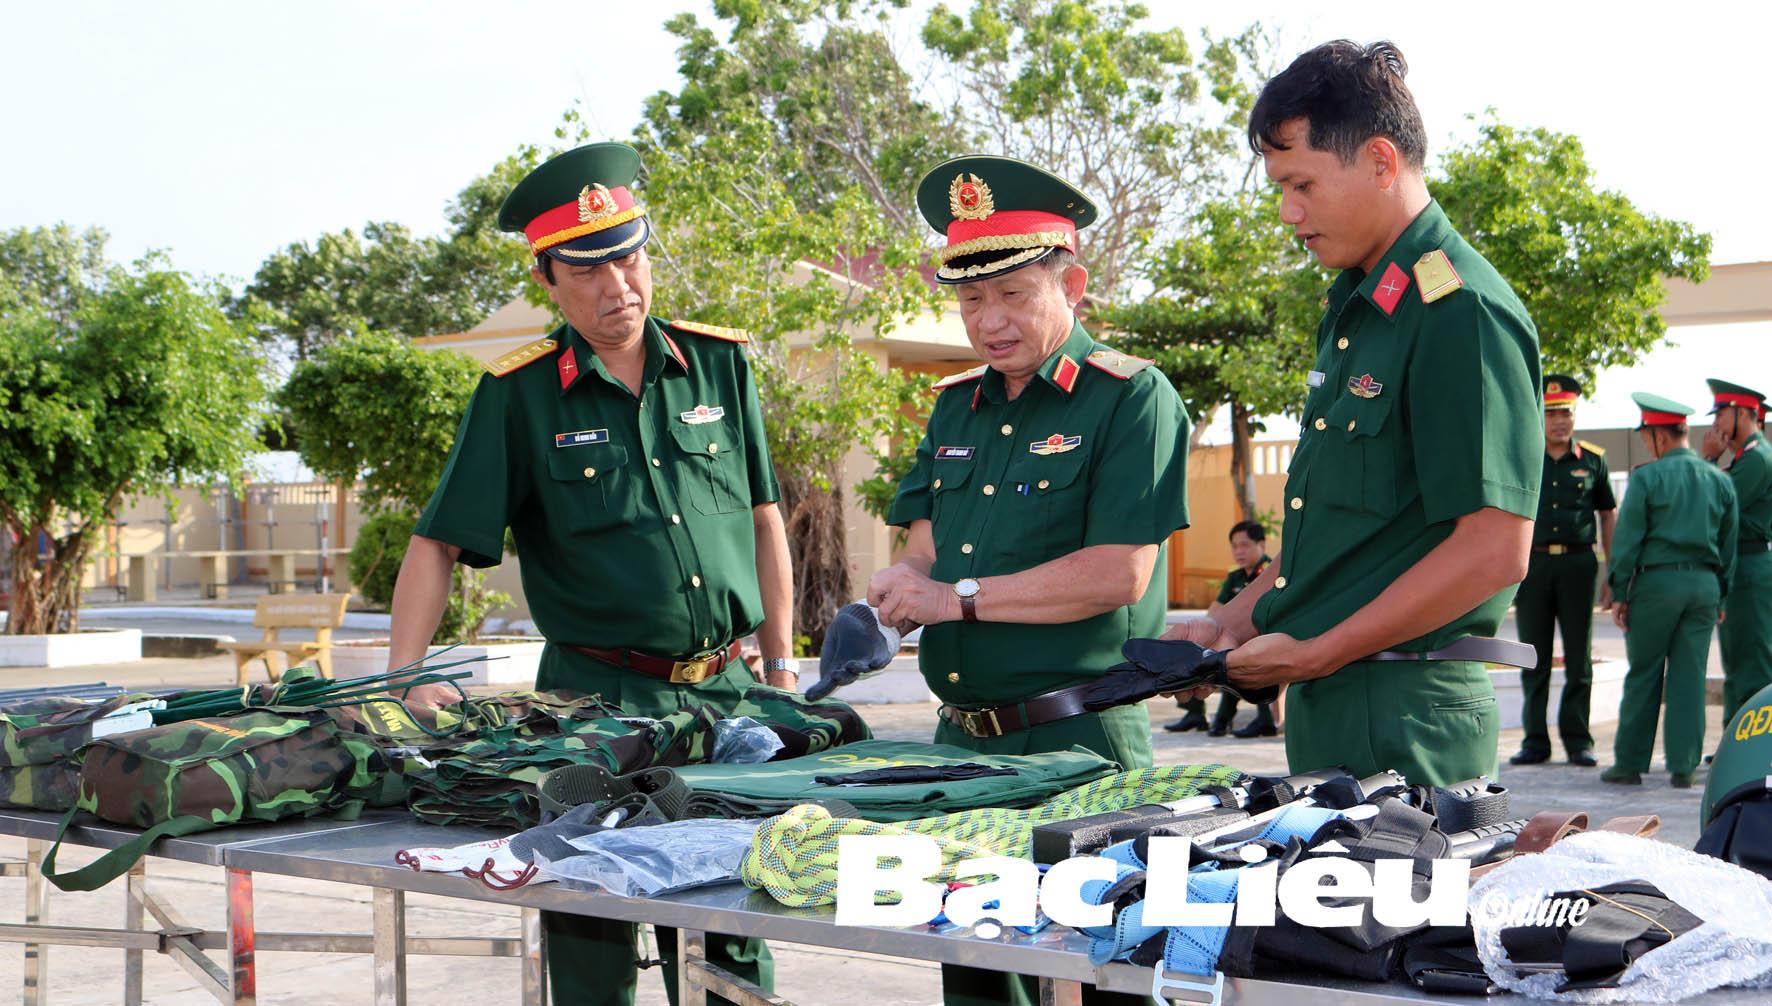 Bộ Chỉ huy Quân sự tỉnh: Chuẩn bị chu đáo, sẵn sàng cho mùa huấn luyện mới